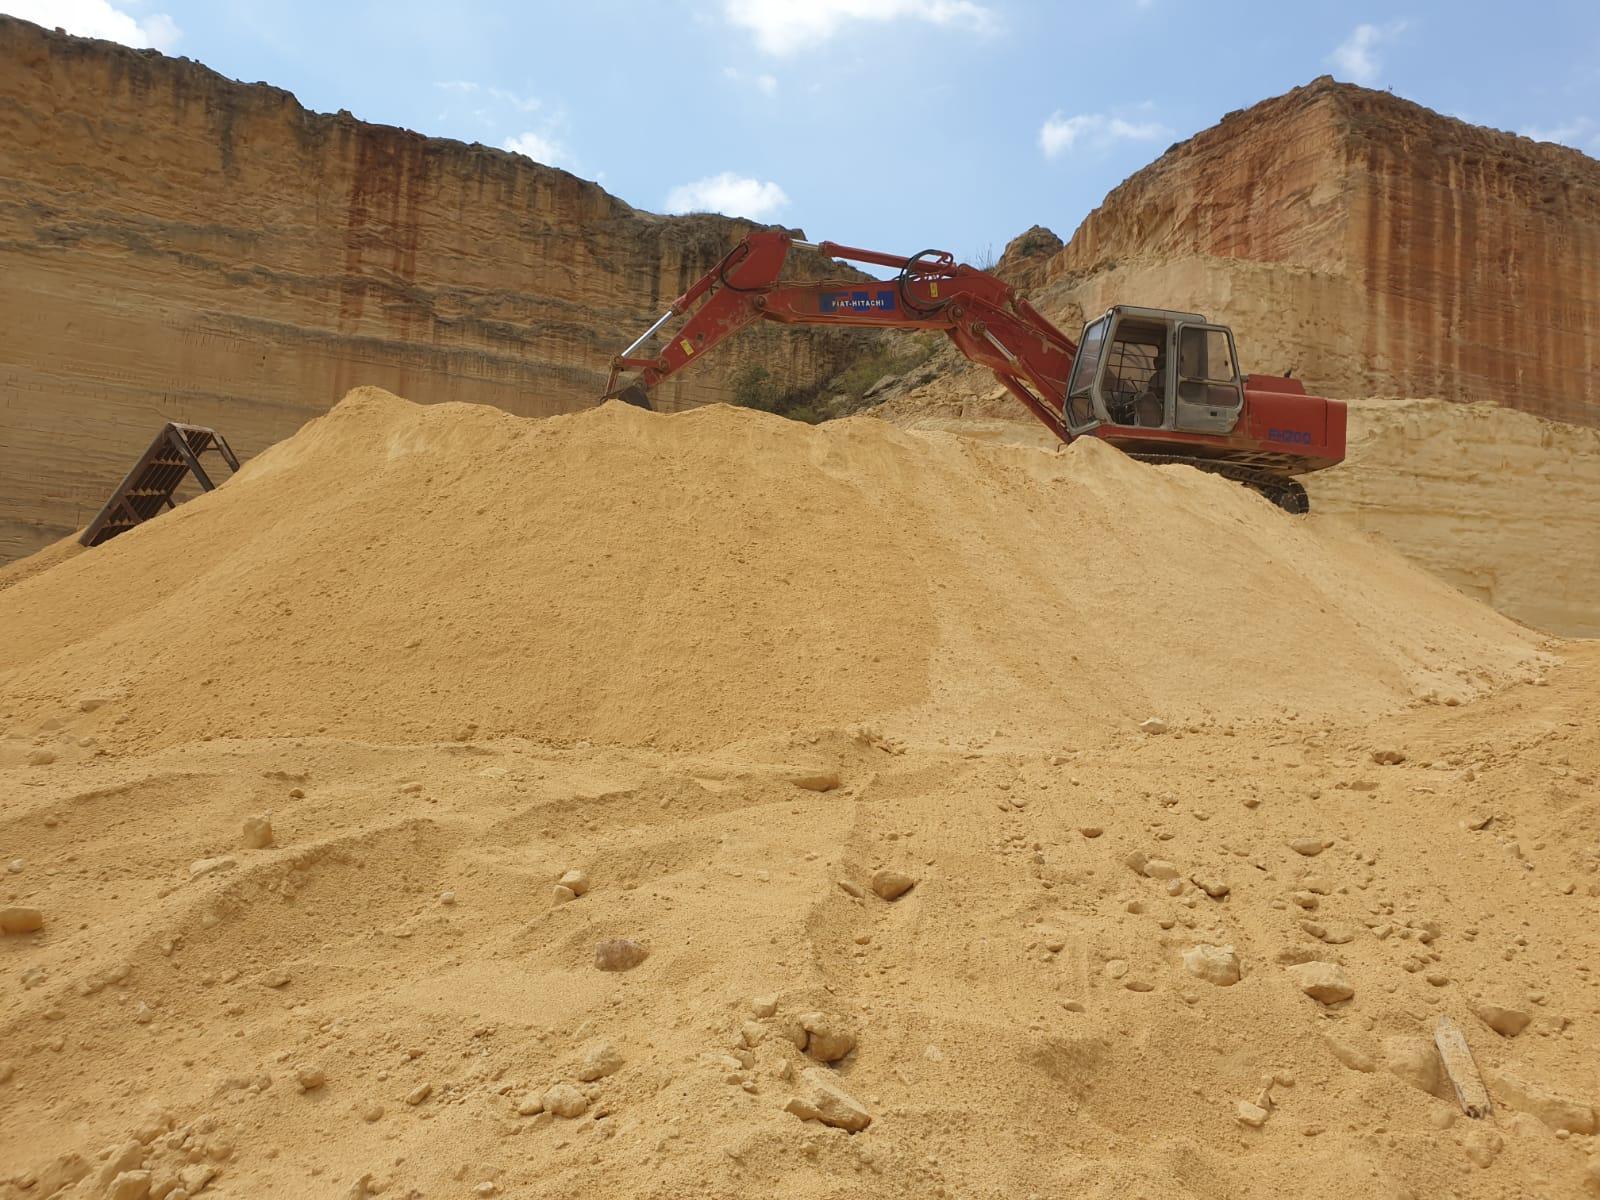 Vendita all'ingrosso tout venant e sabbia di cava ...